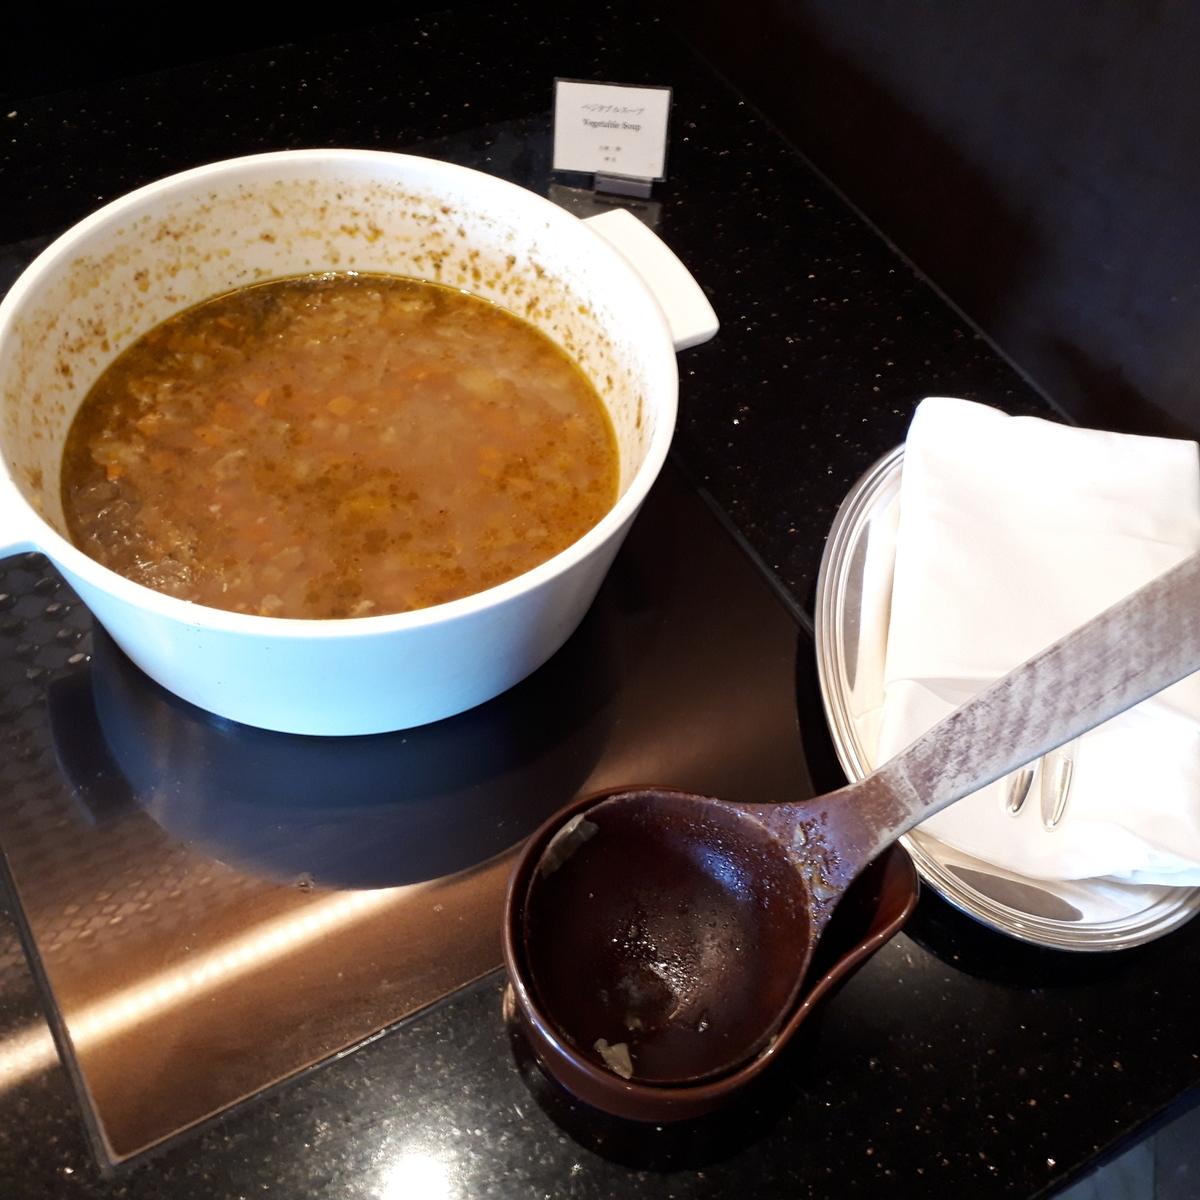 リッツカールトン大阪 クラブラウンジ 軽食 ベジタブルスープ